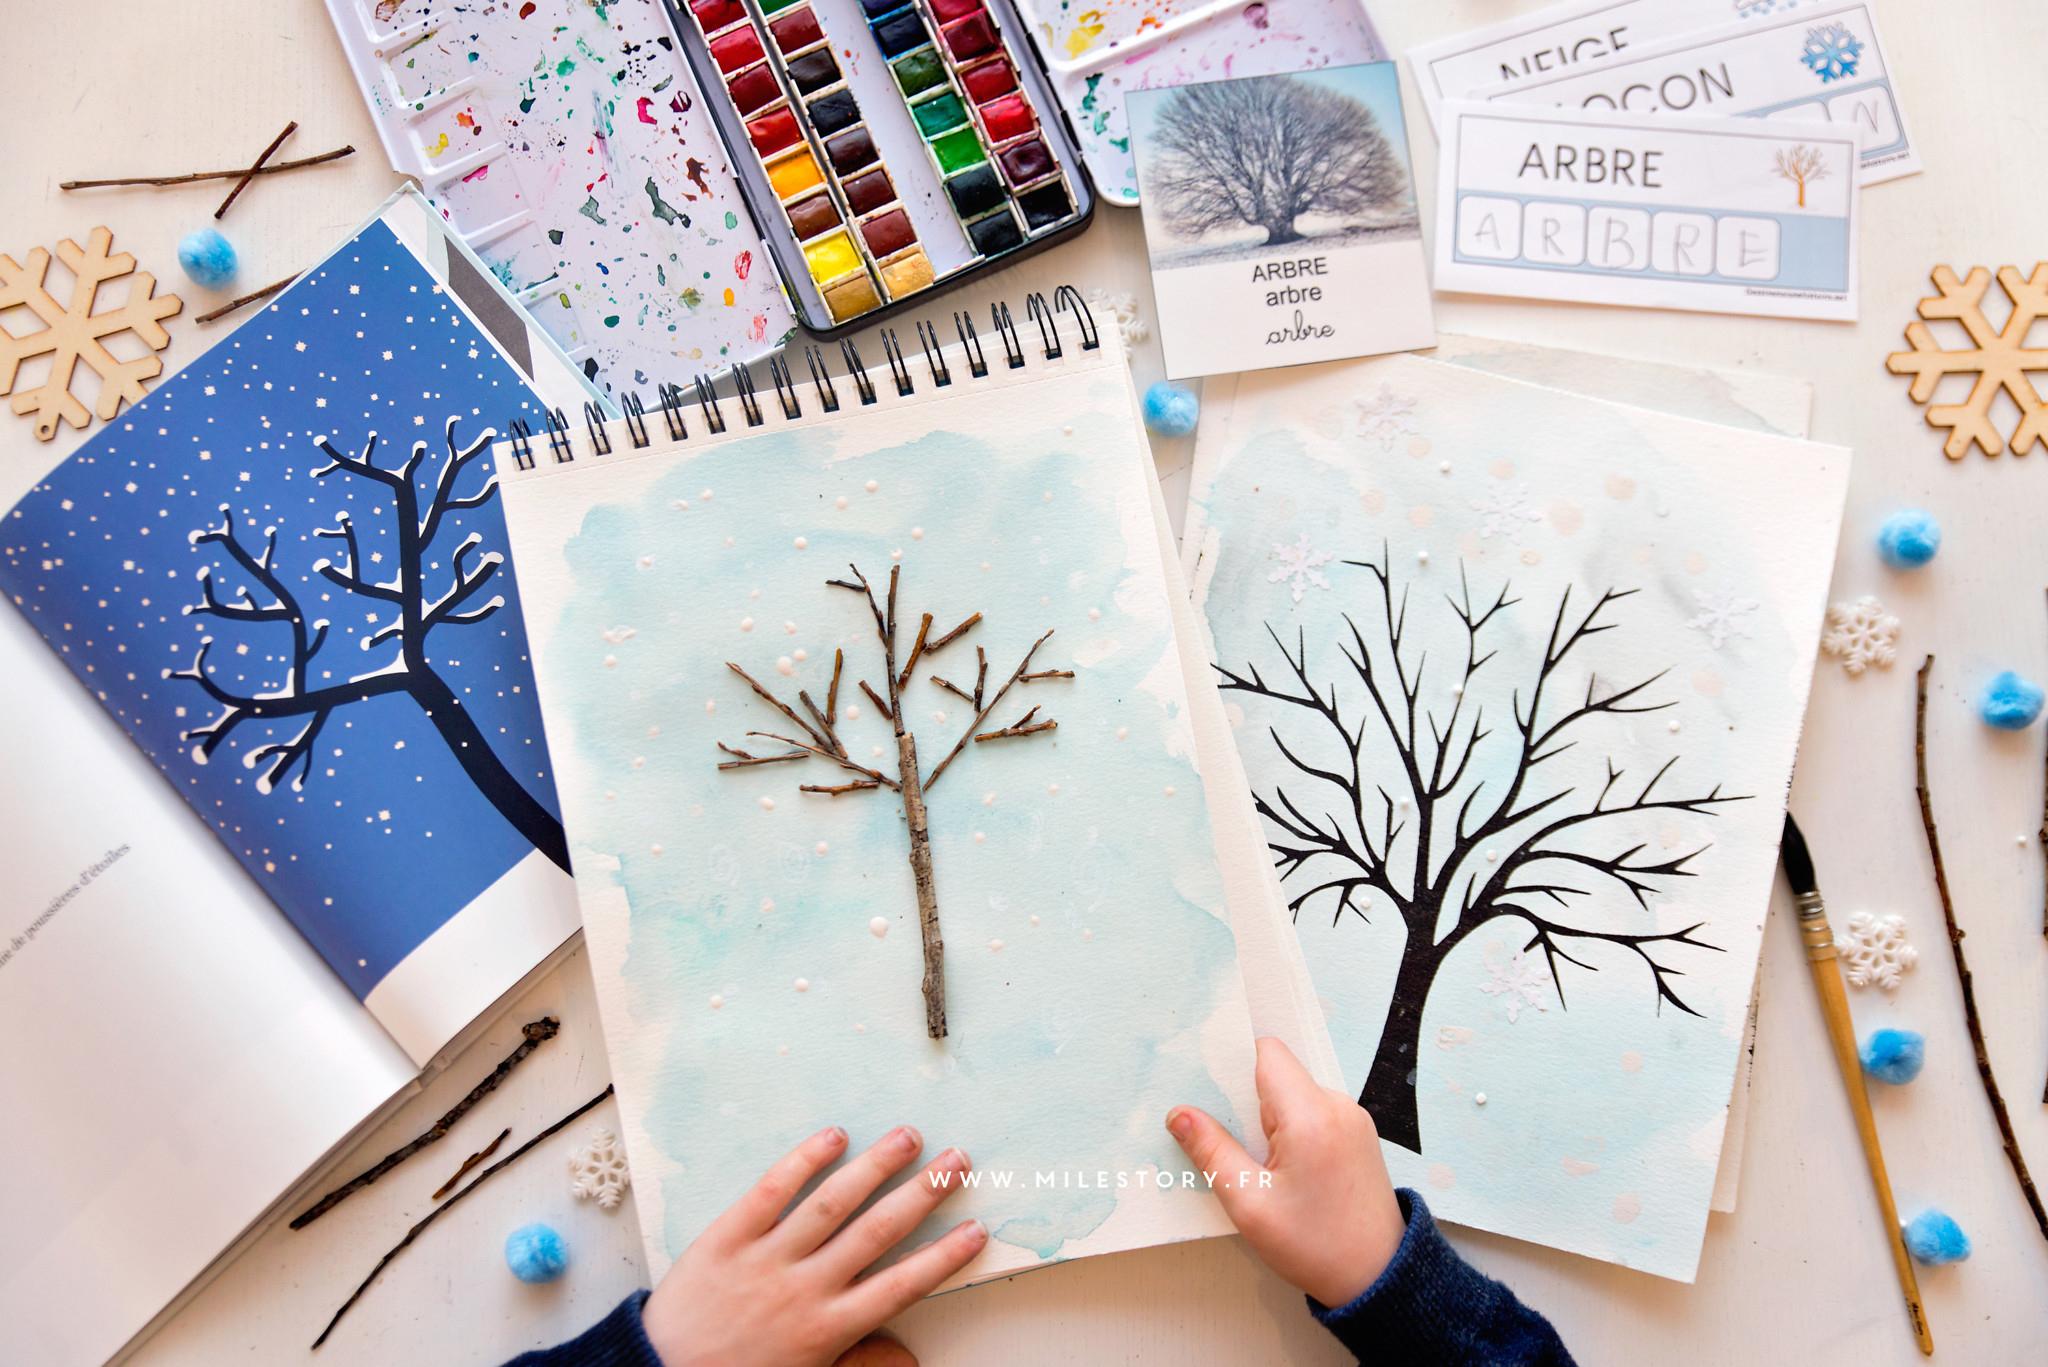 Exploitation Album L'arbre Et L'hiver En Maternelle - Milestory concernant Images Séquentielles Maternelle